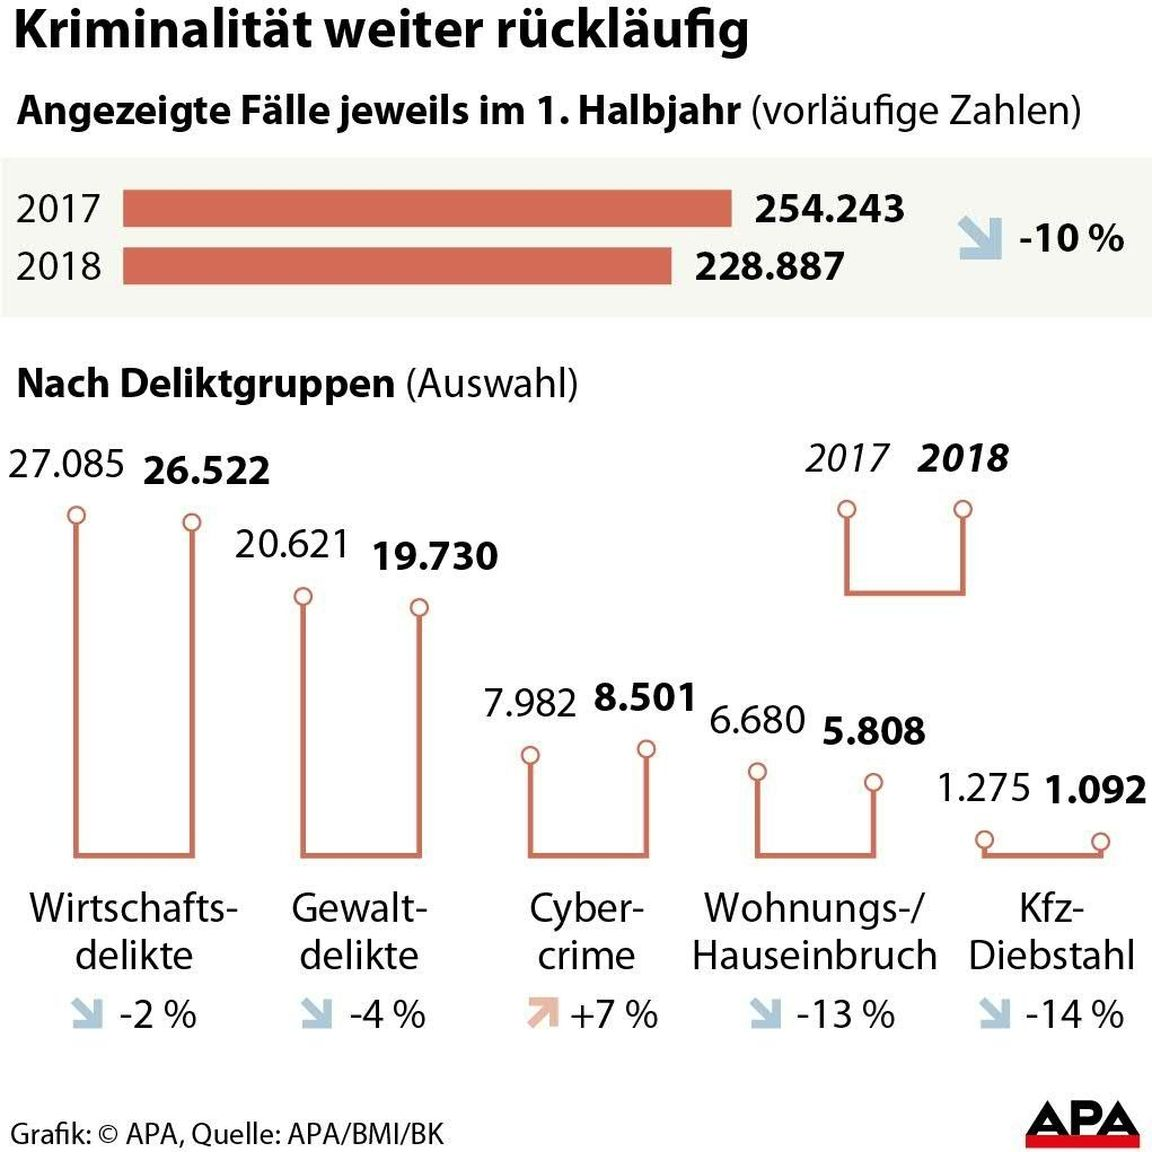 Sicherheit in Österreich - die Tatsachen